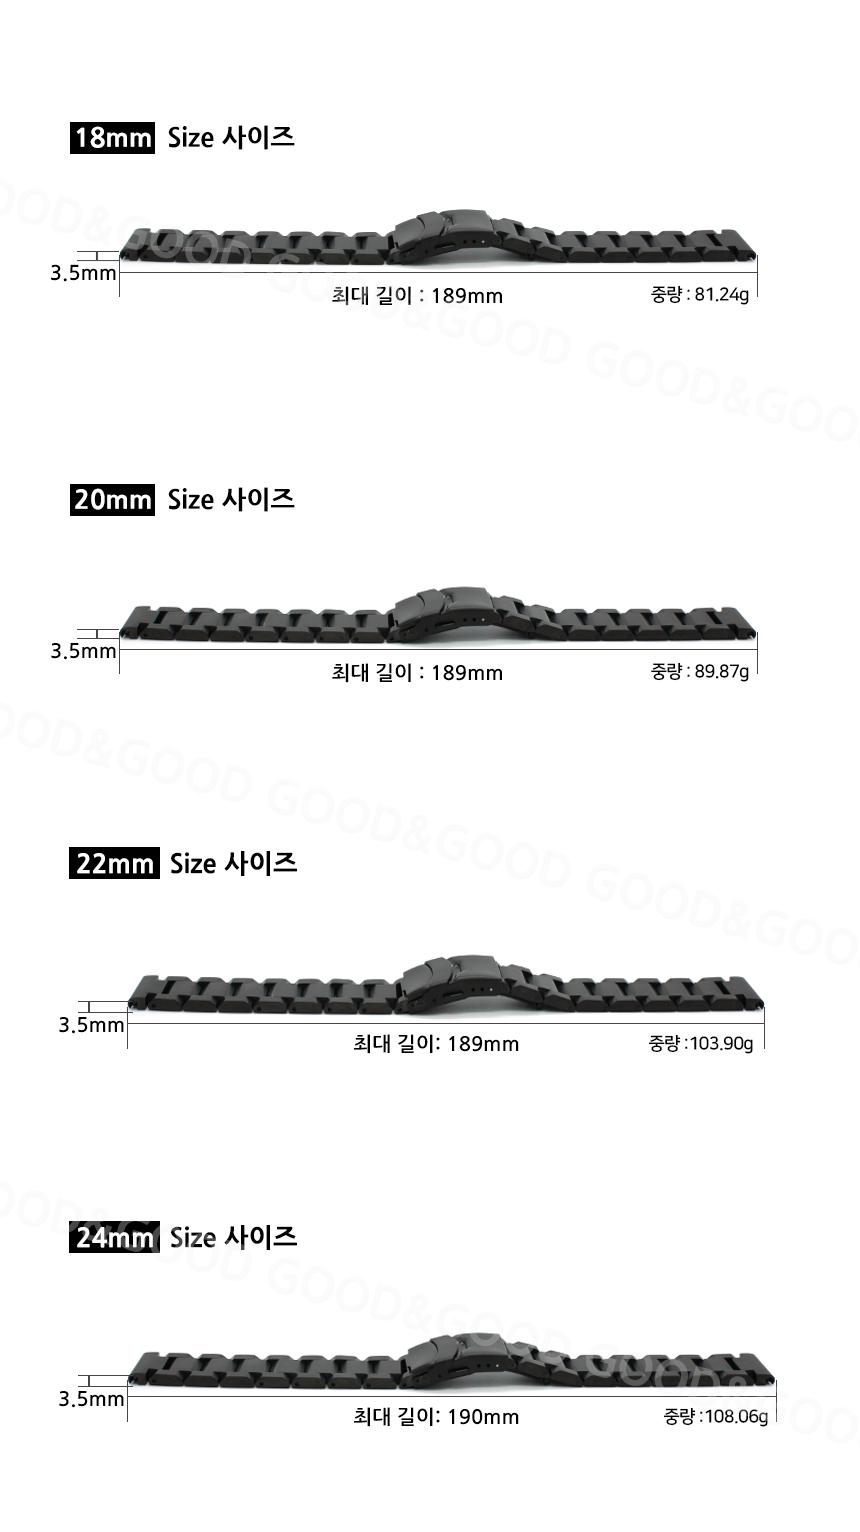 사이즈는 18mm 20mm 22mm 24mm 4가지 이며 18mm의 최대길이 189mm 20mm의 최대길이 189mm 22mm의 최대길이 189mm 24mm의 최대길이 190mm입니다. 조정할 수 있는 마디가 많아서 최소길이는 원하는데로 가능합니다.